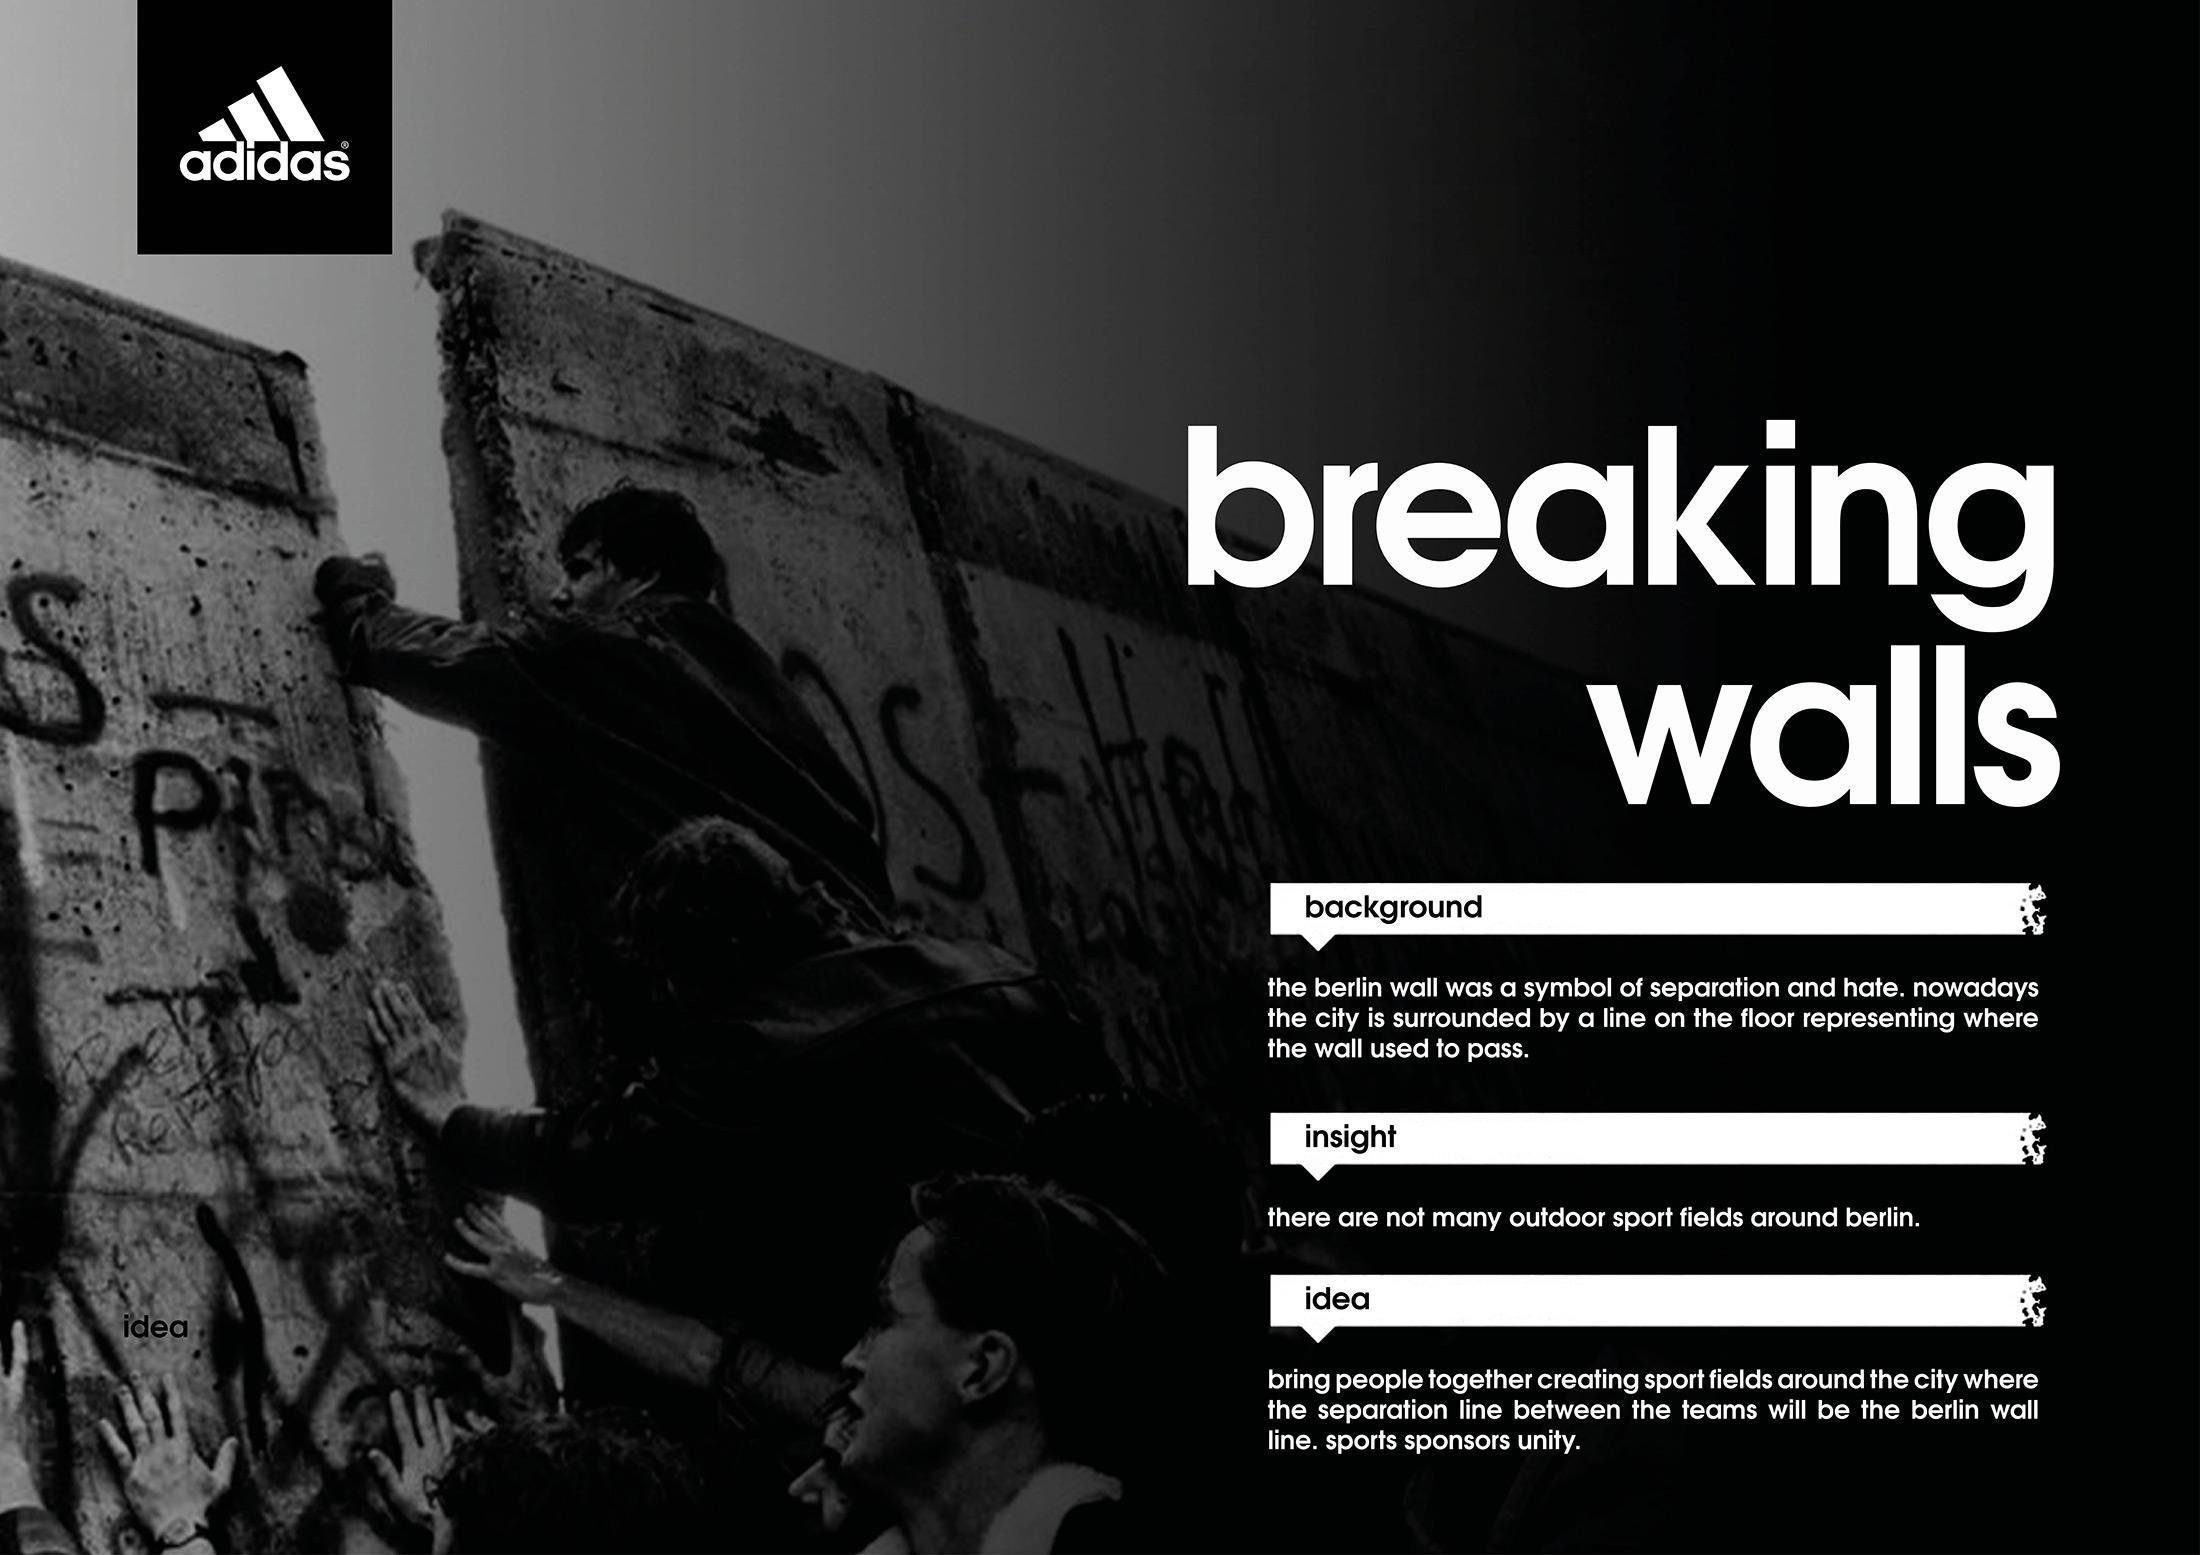 Adidas Experiential Advert By Miami Ad School Adidas Breaking Walls